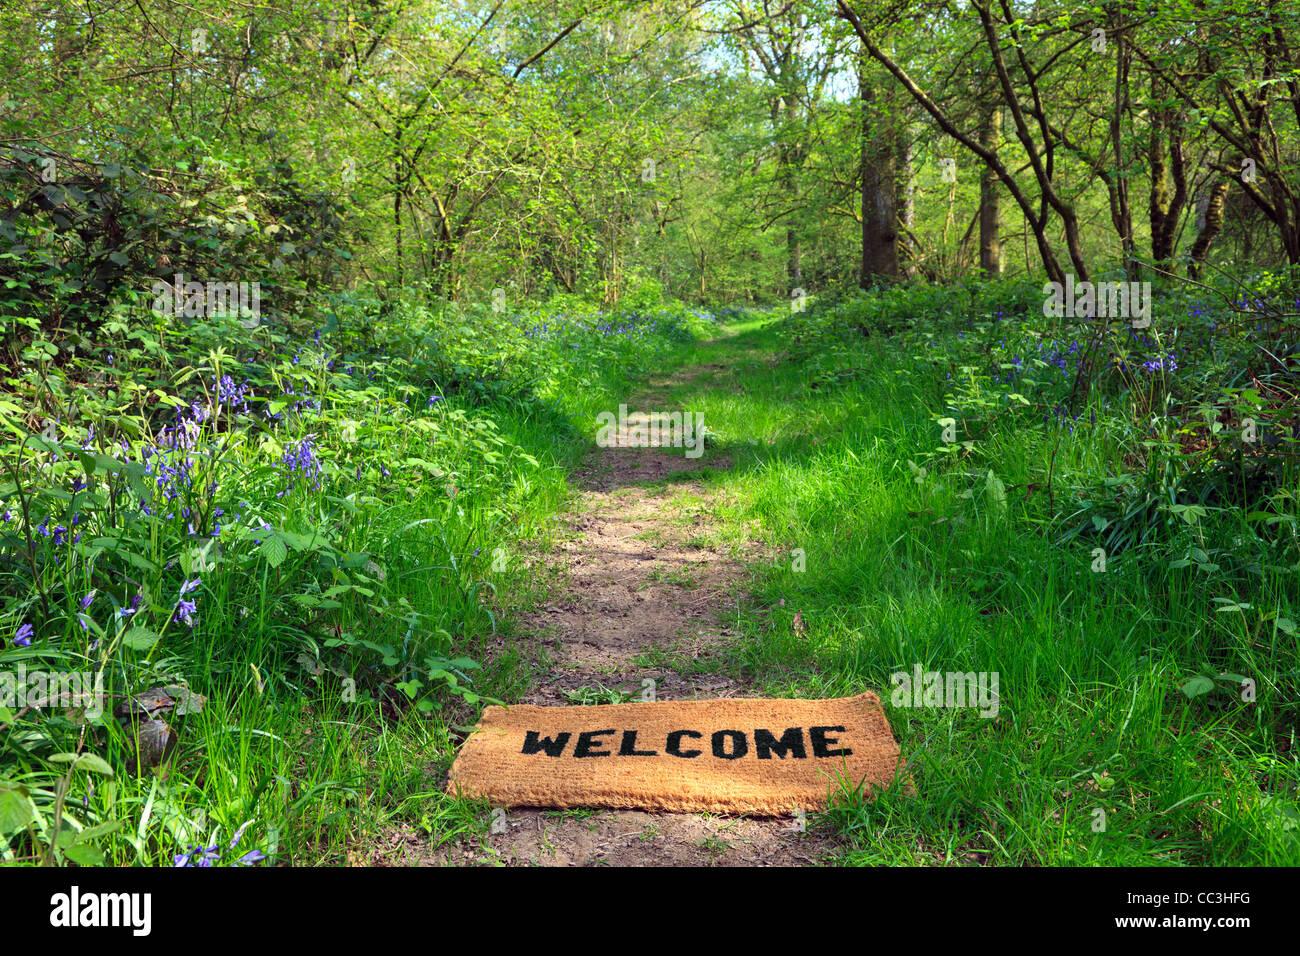 Concepto foto de un felpudo de bienvenida en un sendero del bosque durante la primavera en formato horizontal. Imagen De Stock